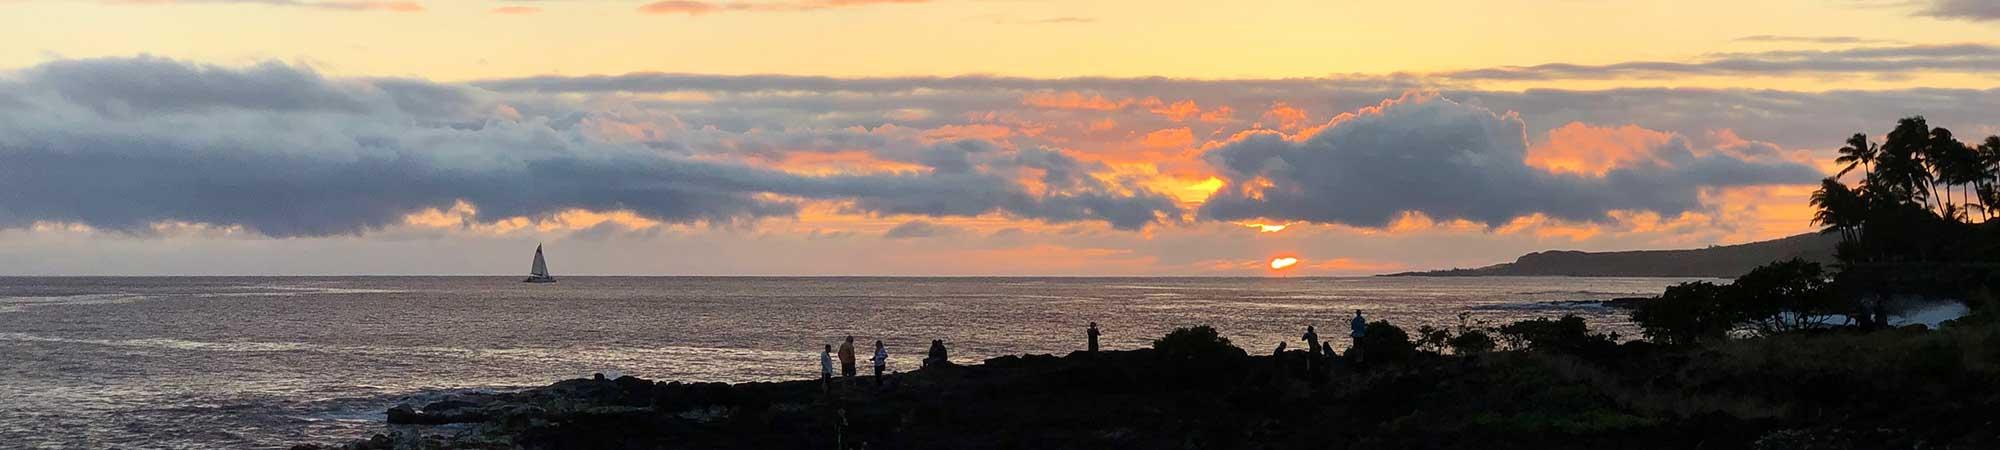 Poipu Kauai coast sunset